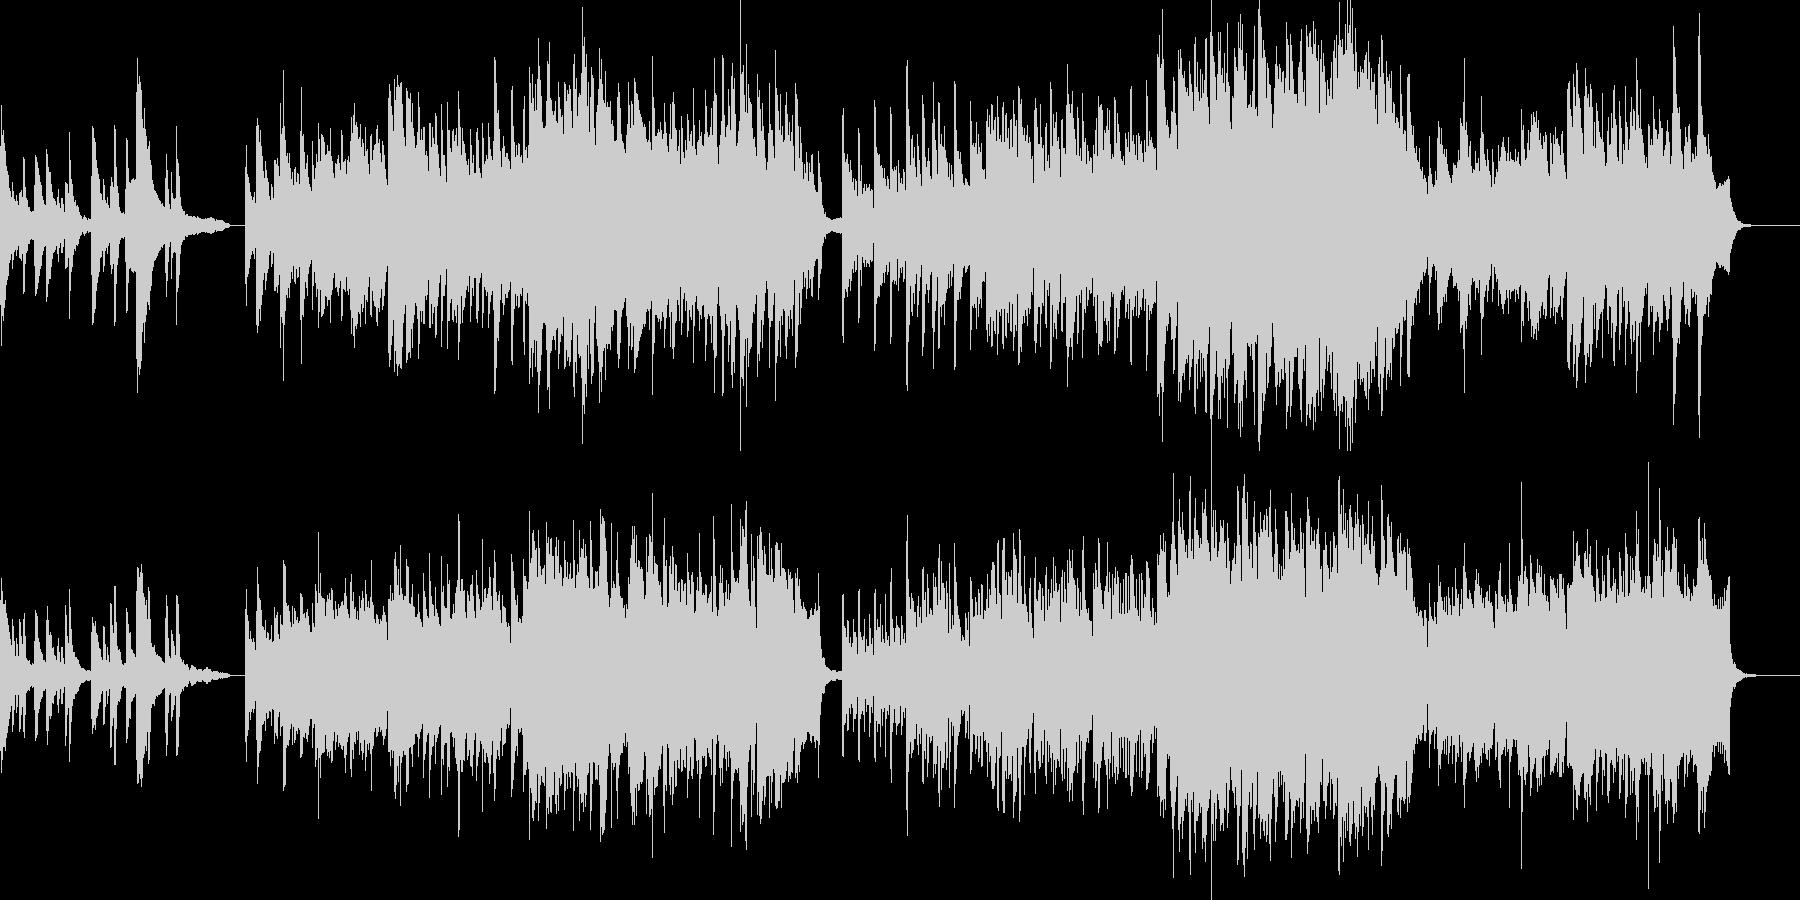 ゆったりとした雰囲気を演出するオーボエ曲の未再生の波形